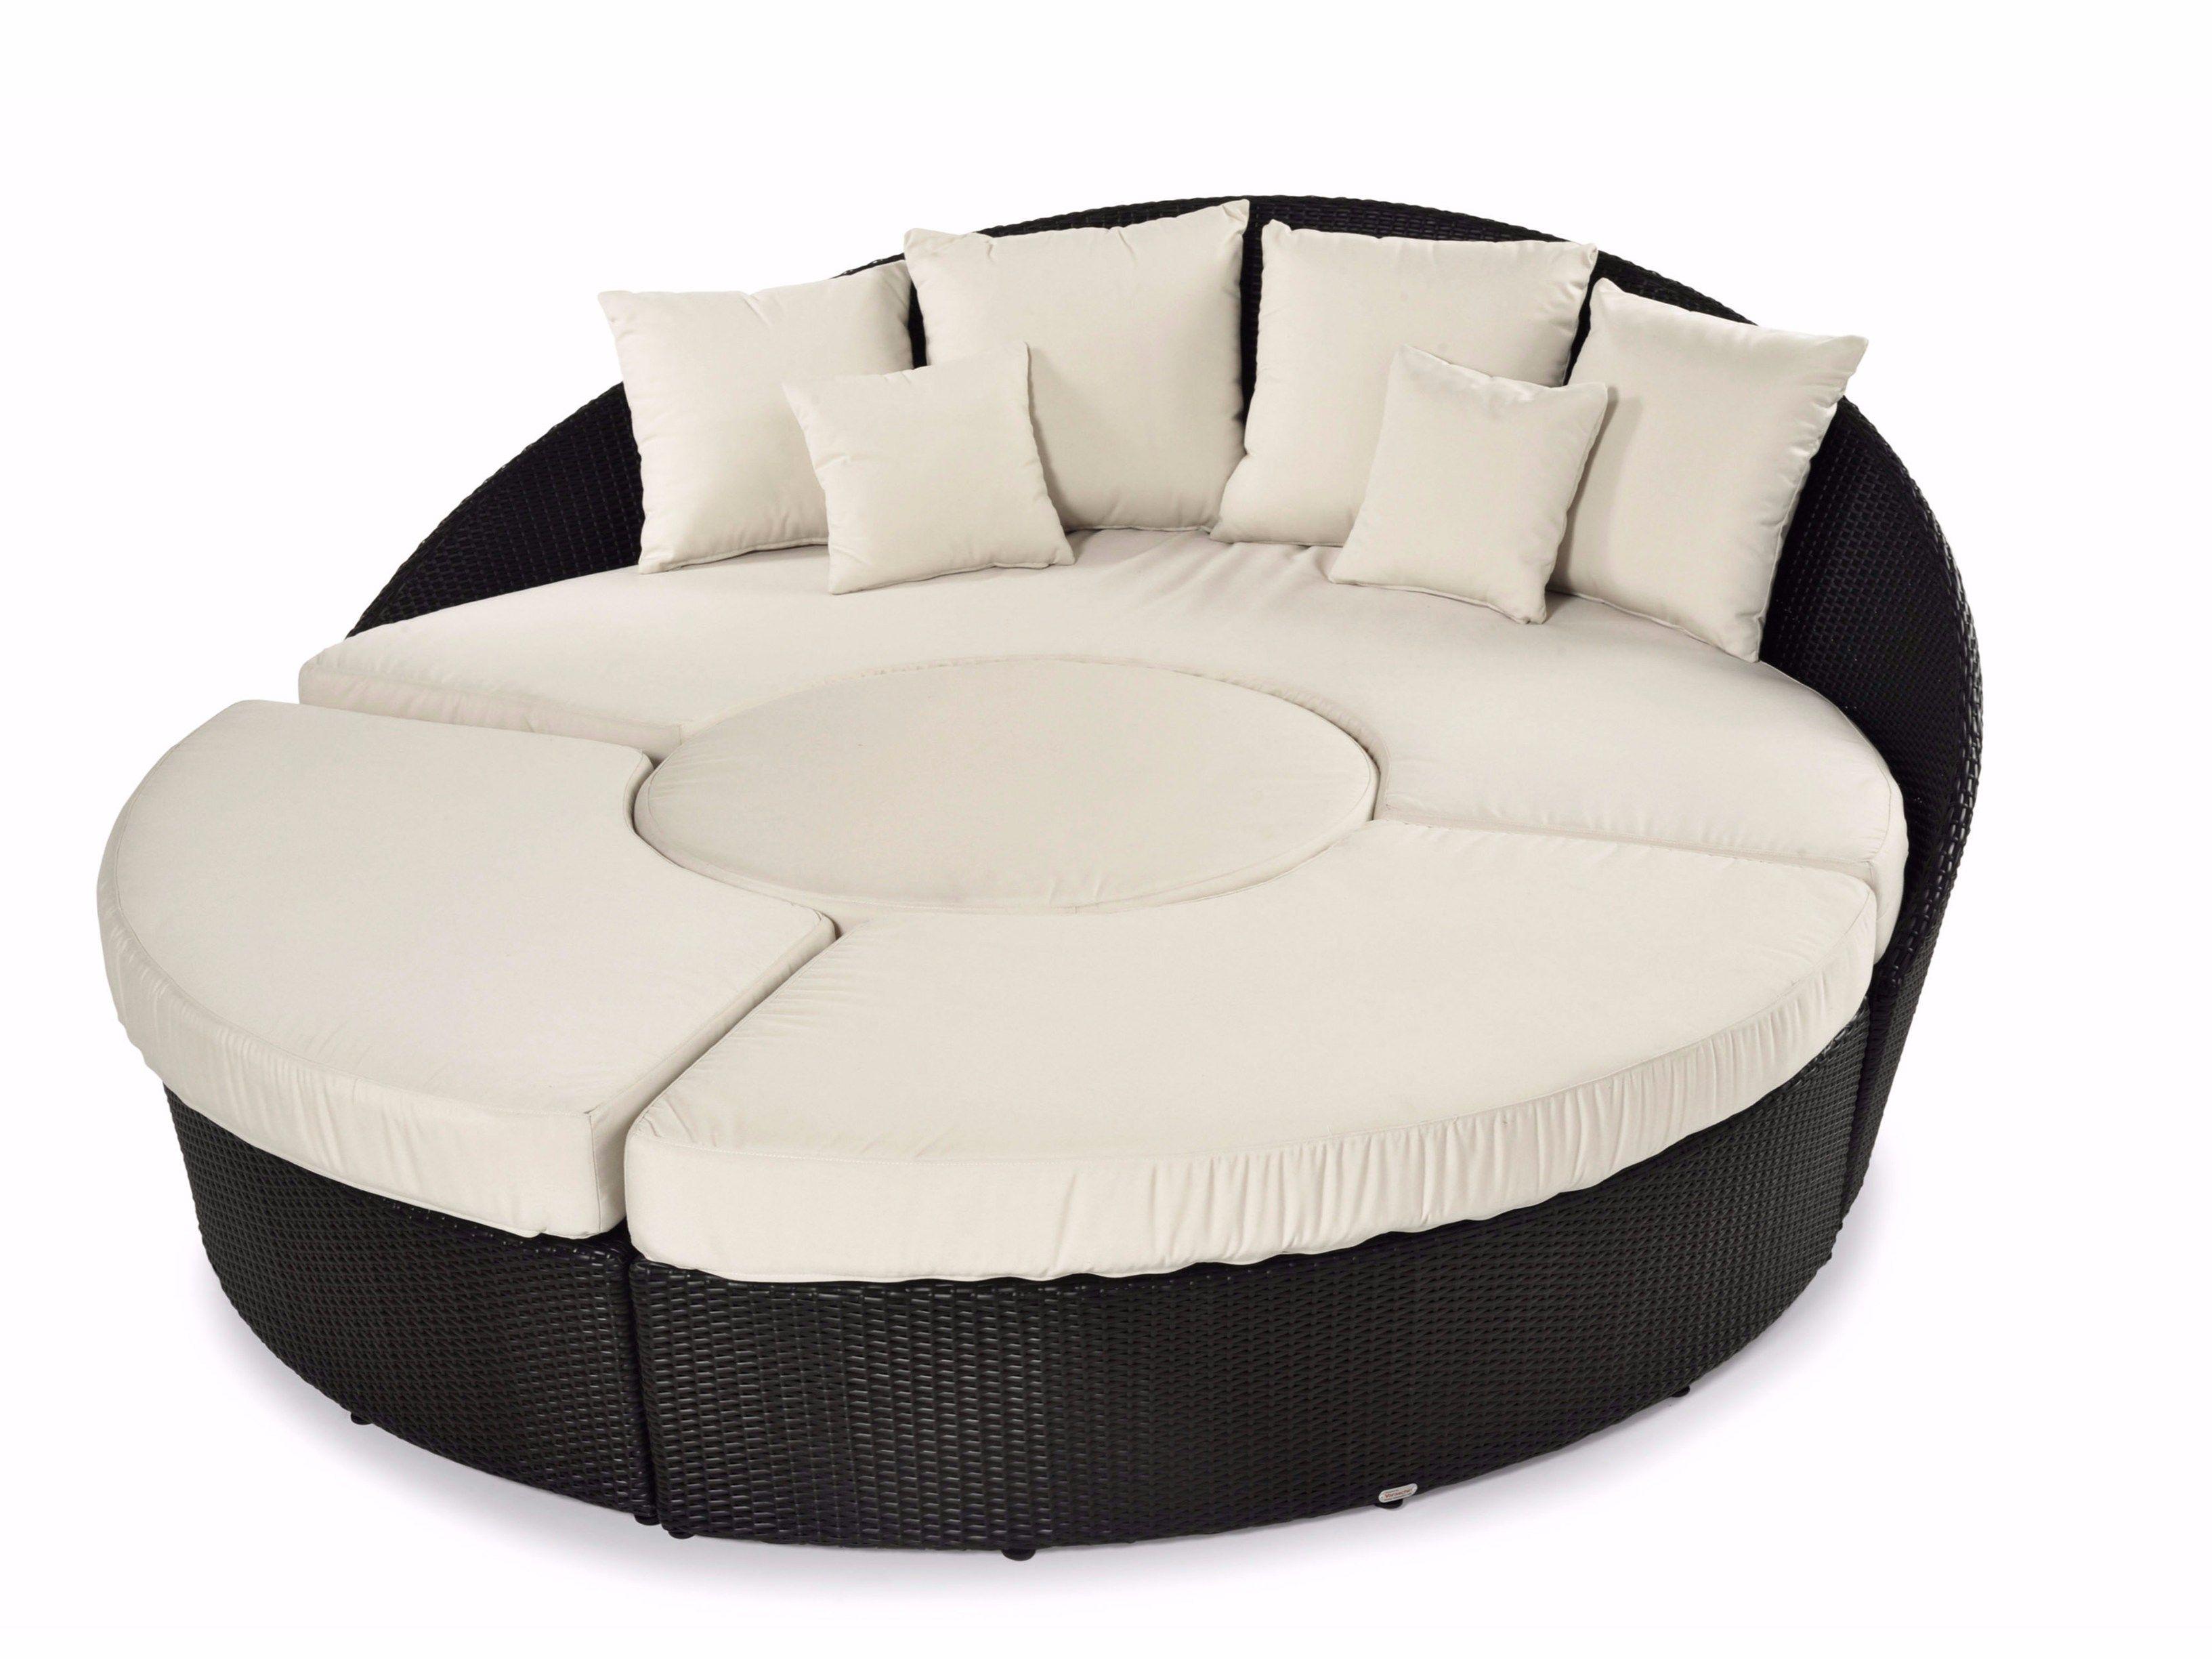 varaschin garden sofas  archiproducts -